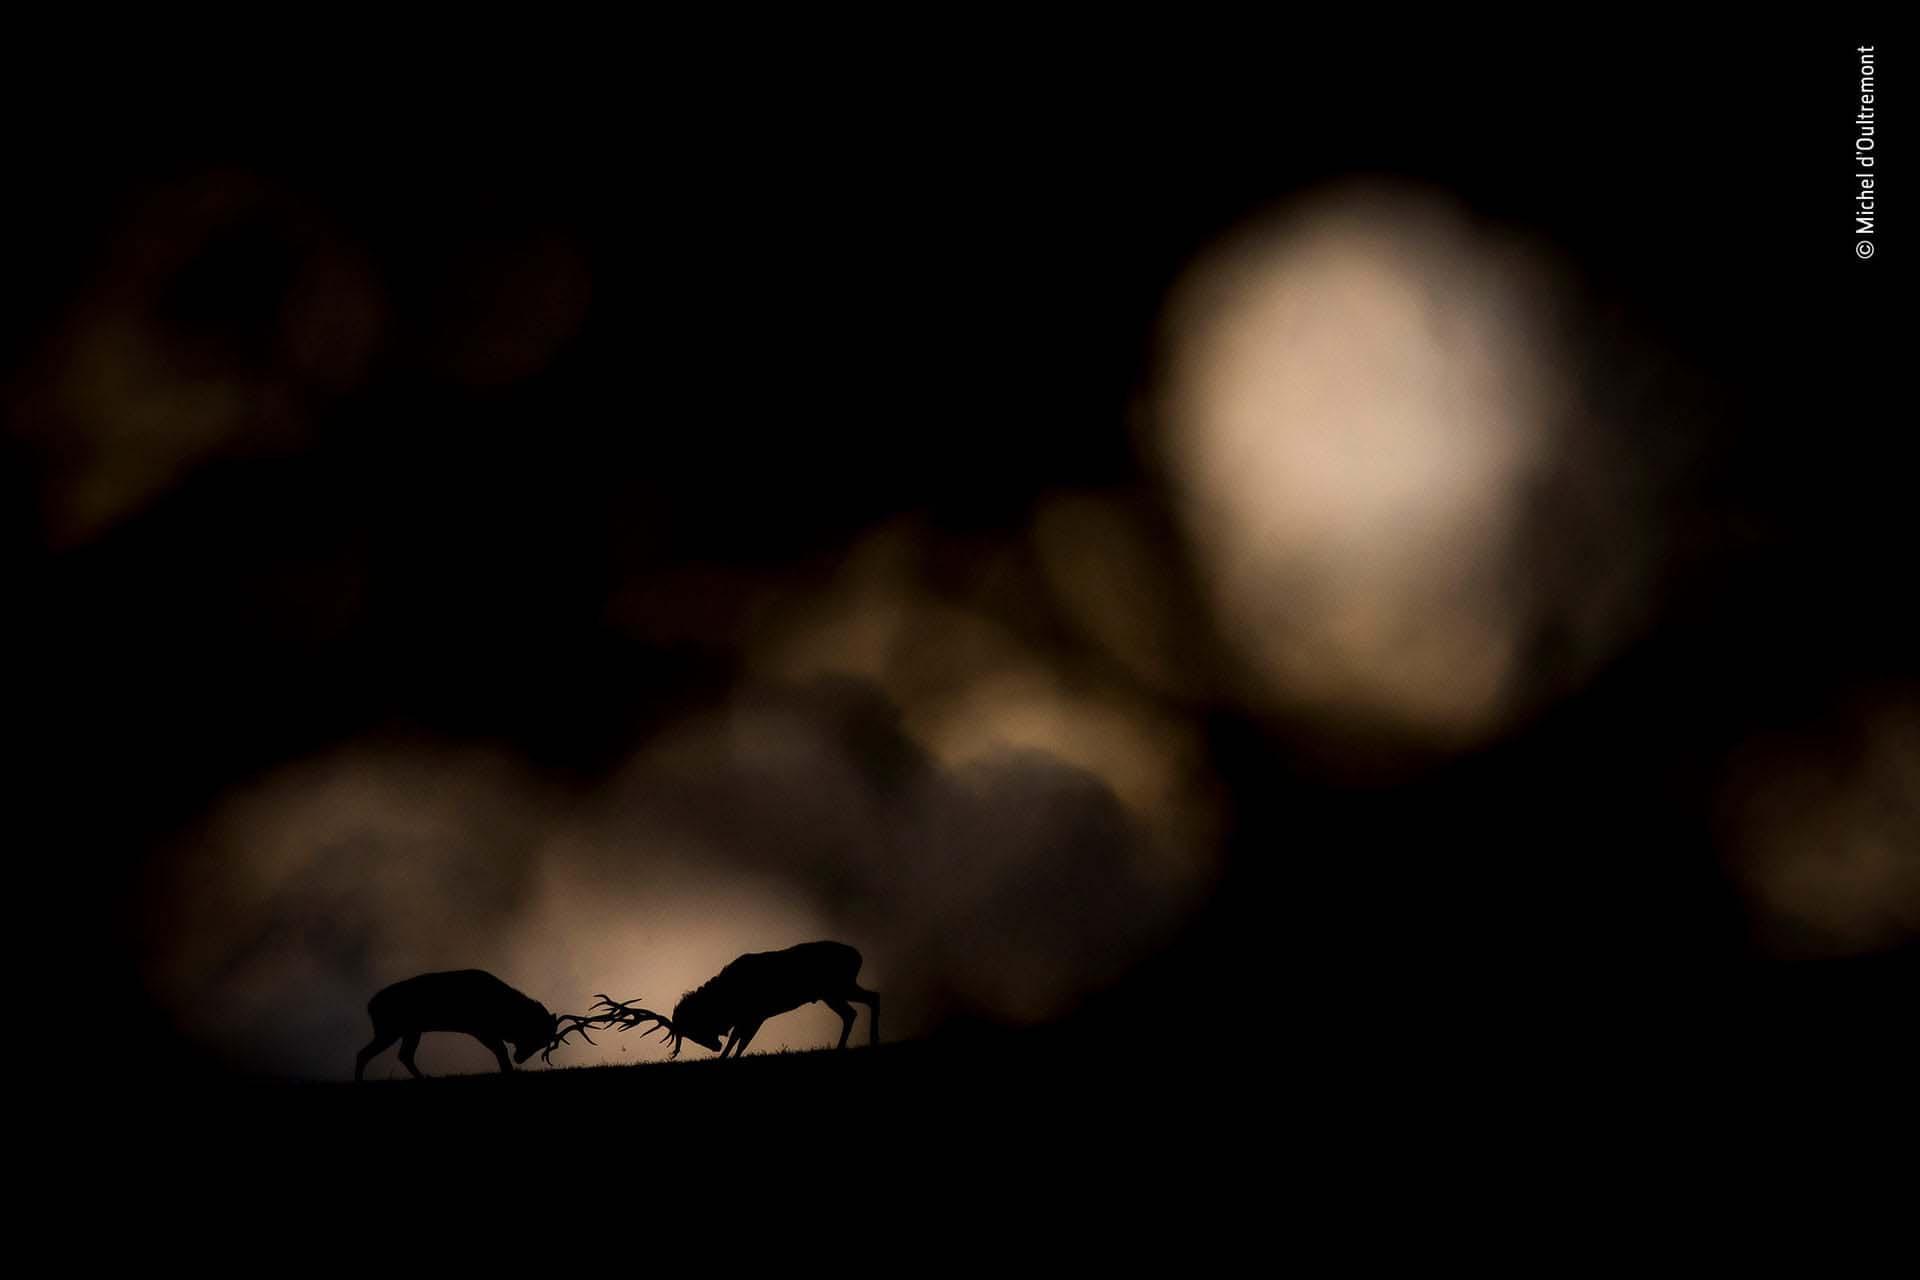 'Duelo nocturno': Michel d'Oultremont captó el momento en que las nubes de tormenta se acumularon sobre el bosque, mientras el rugido de dos ciervos que luchaban resonó entre los árboles. Escondido detrás de un árbol bajo una red de camuflaje, tuvo tiempo de capturar unas pocas imágenes antes de que los ciervos se separaran